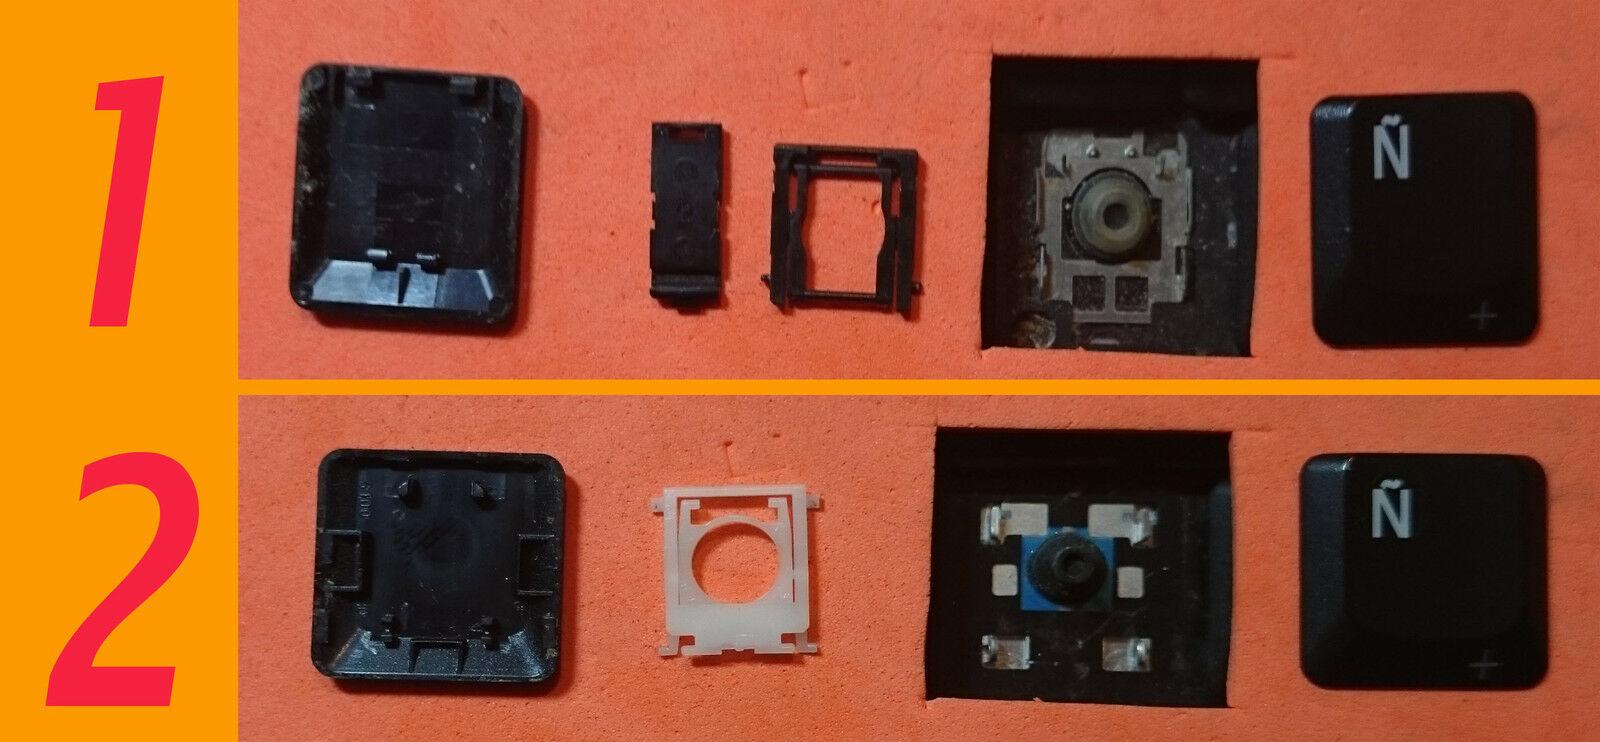 TECLA TECLAS DE TECLADO TOSHIBA EQUIUM M40 M50 M70 QOSMIO E10 E15